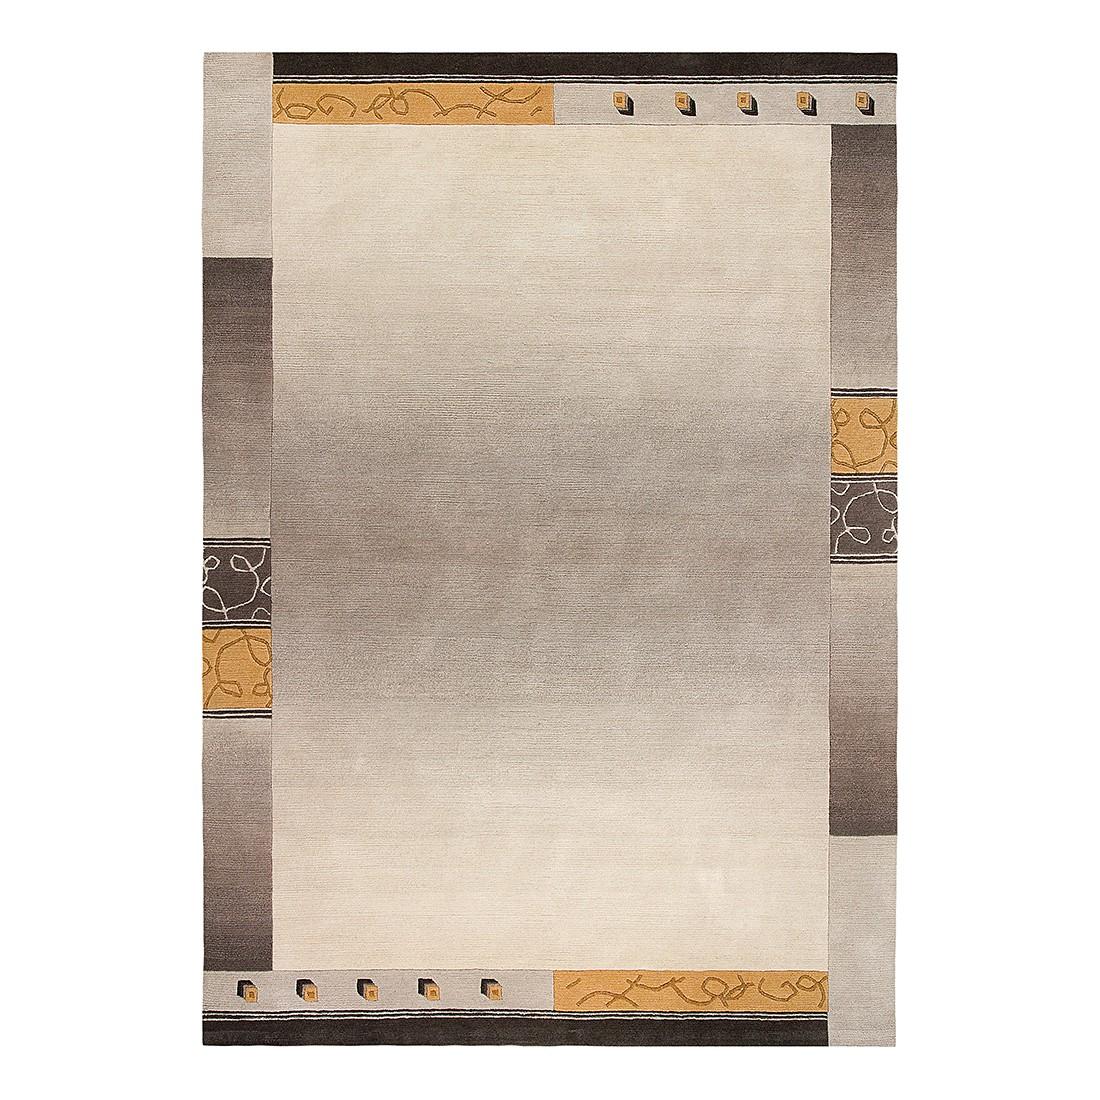 Teppich Super Q – Wolle/ Taupe – 170 cm x 240 cm, Luxor living online bestellen